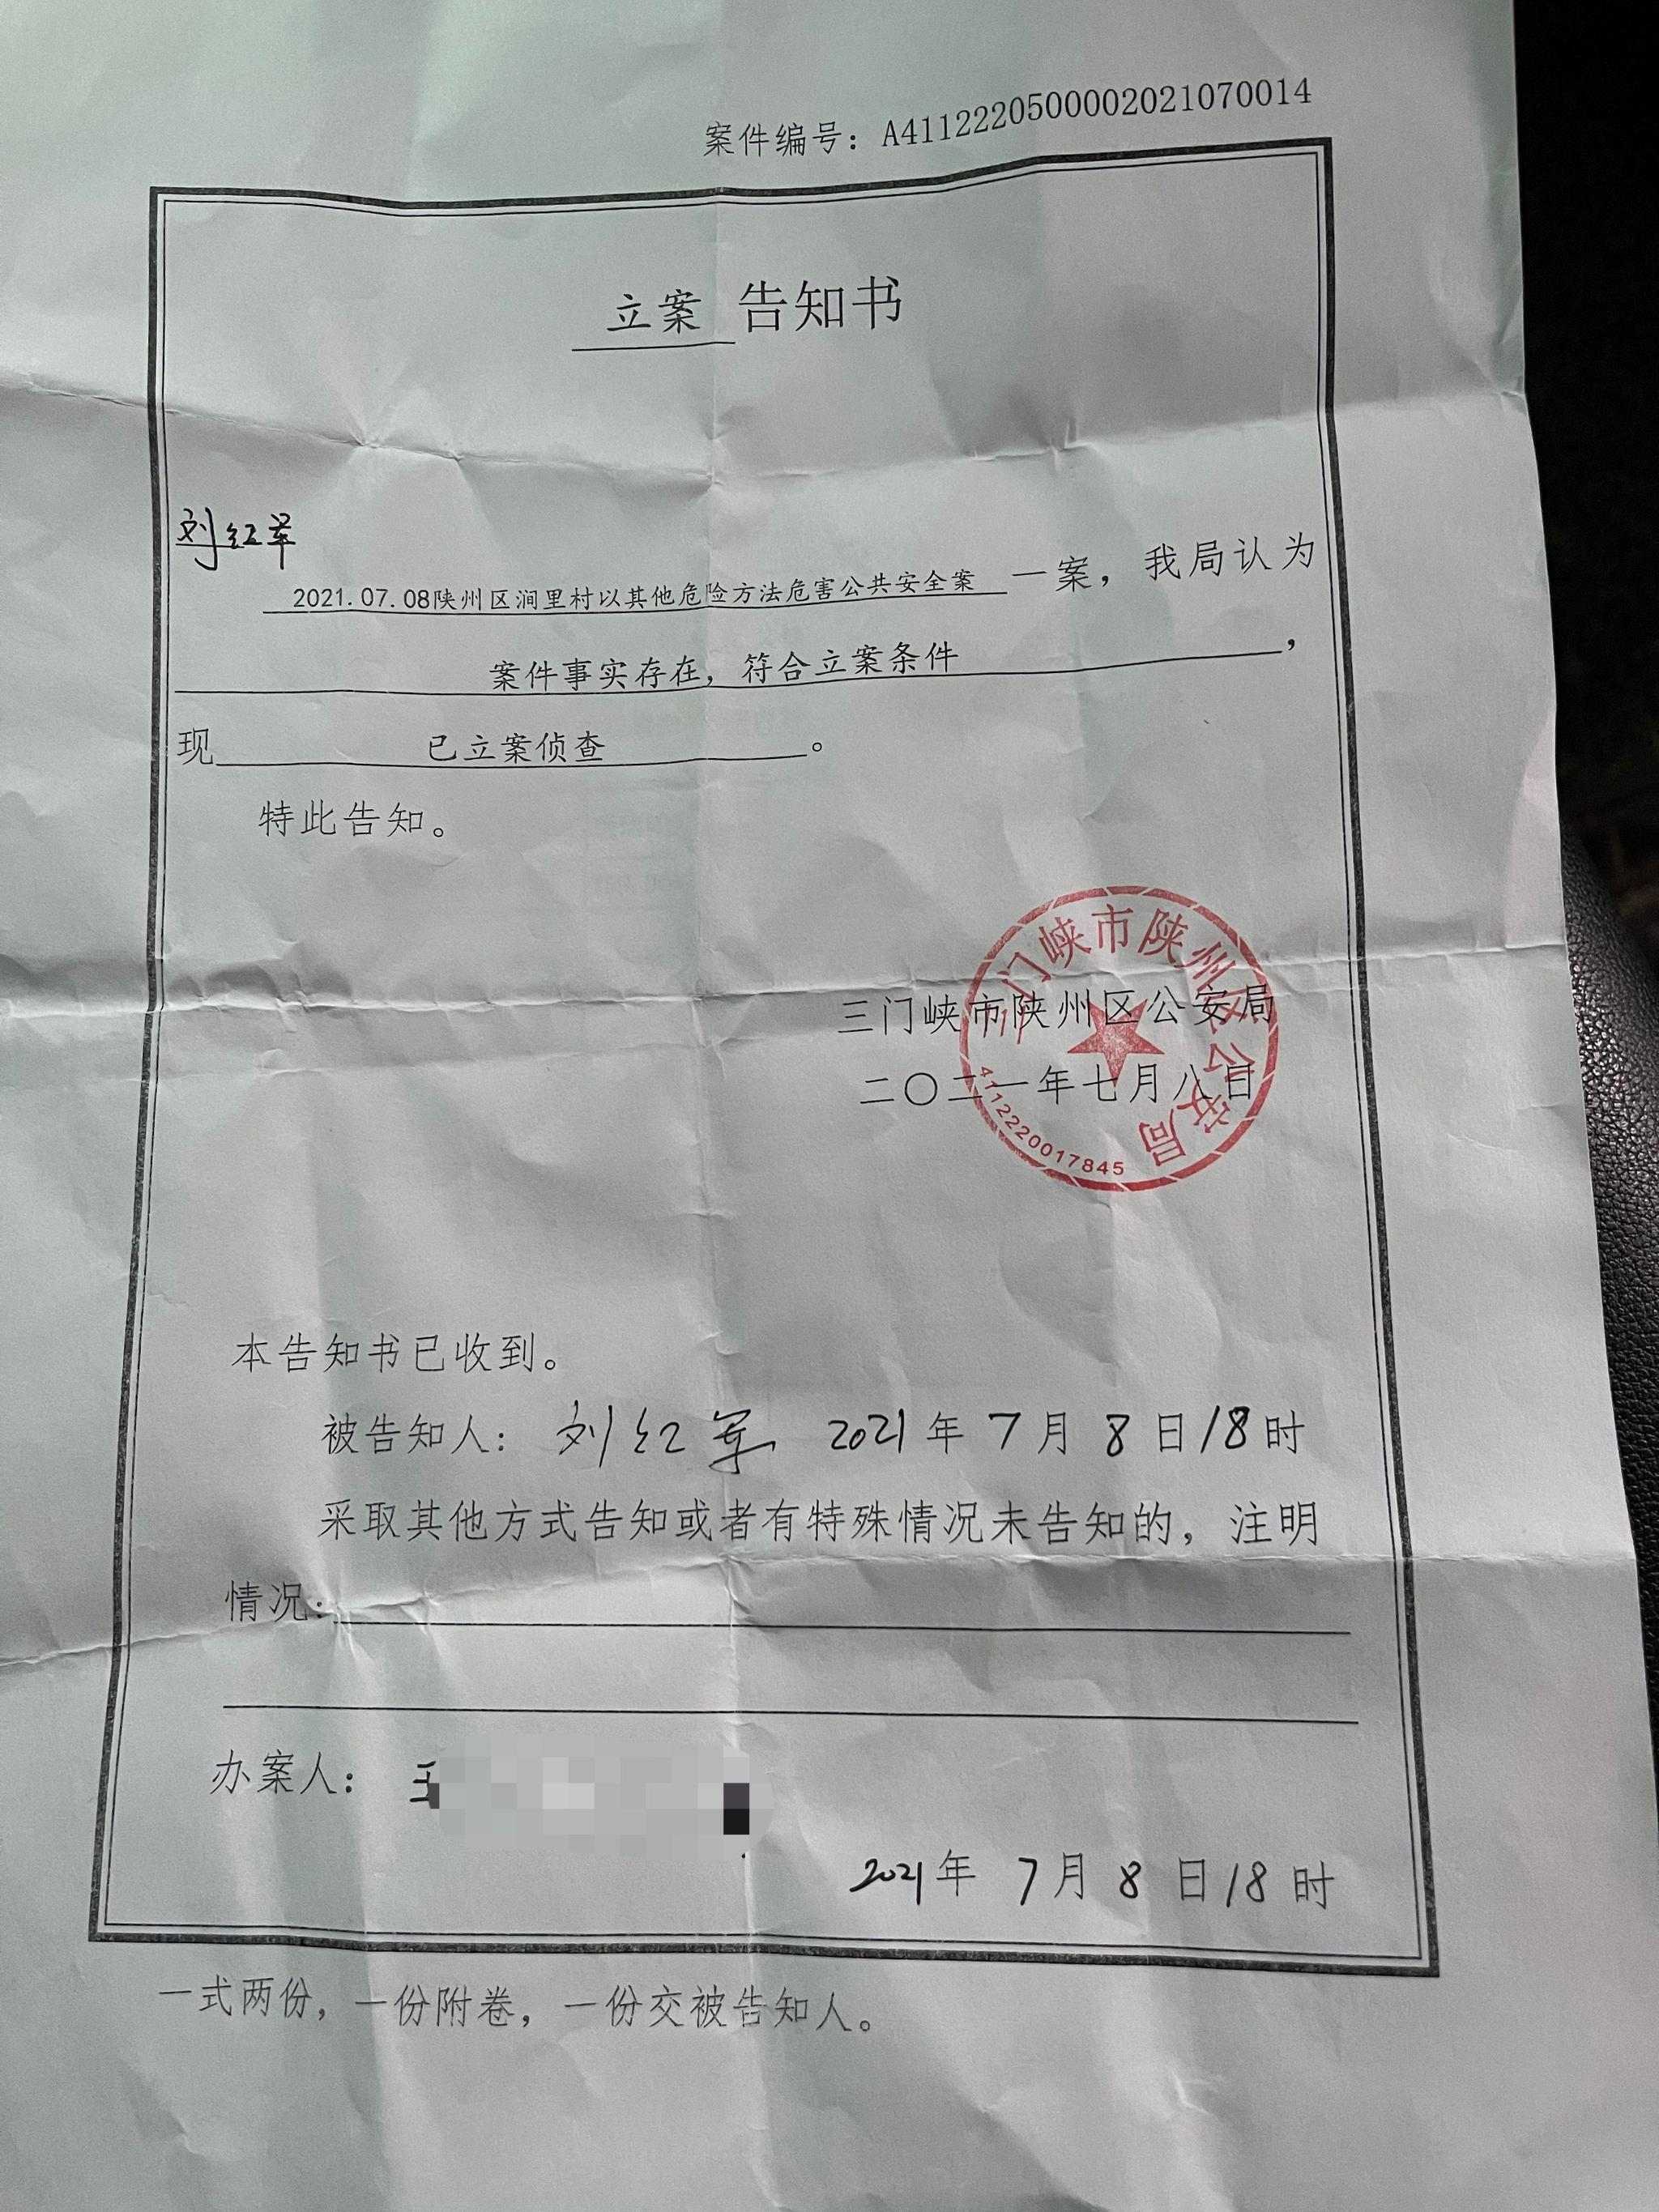 警方向死者家属出具的立案通知书。 新京报记者王瑞文 摄